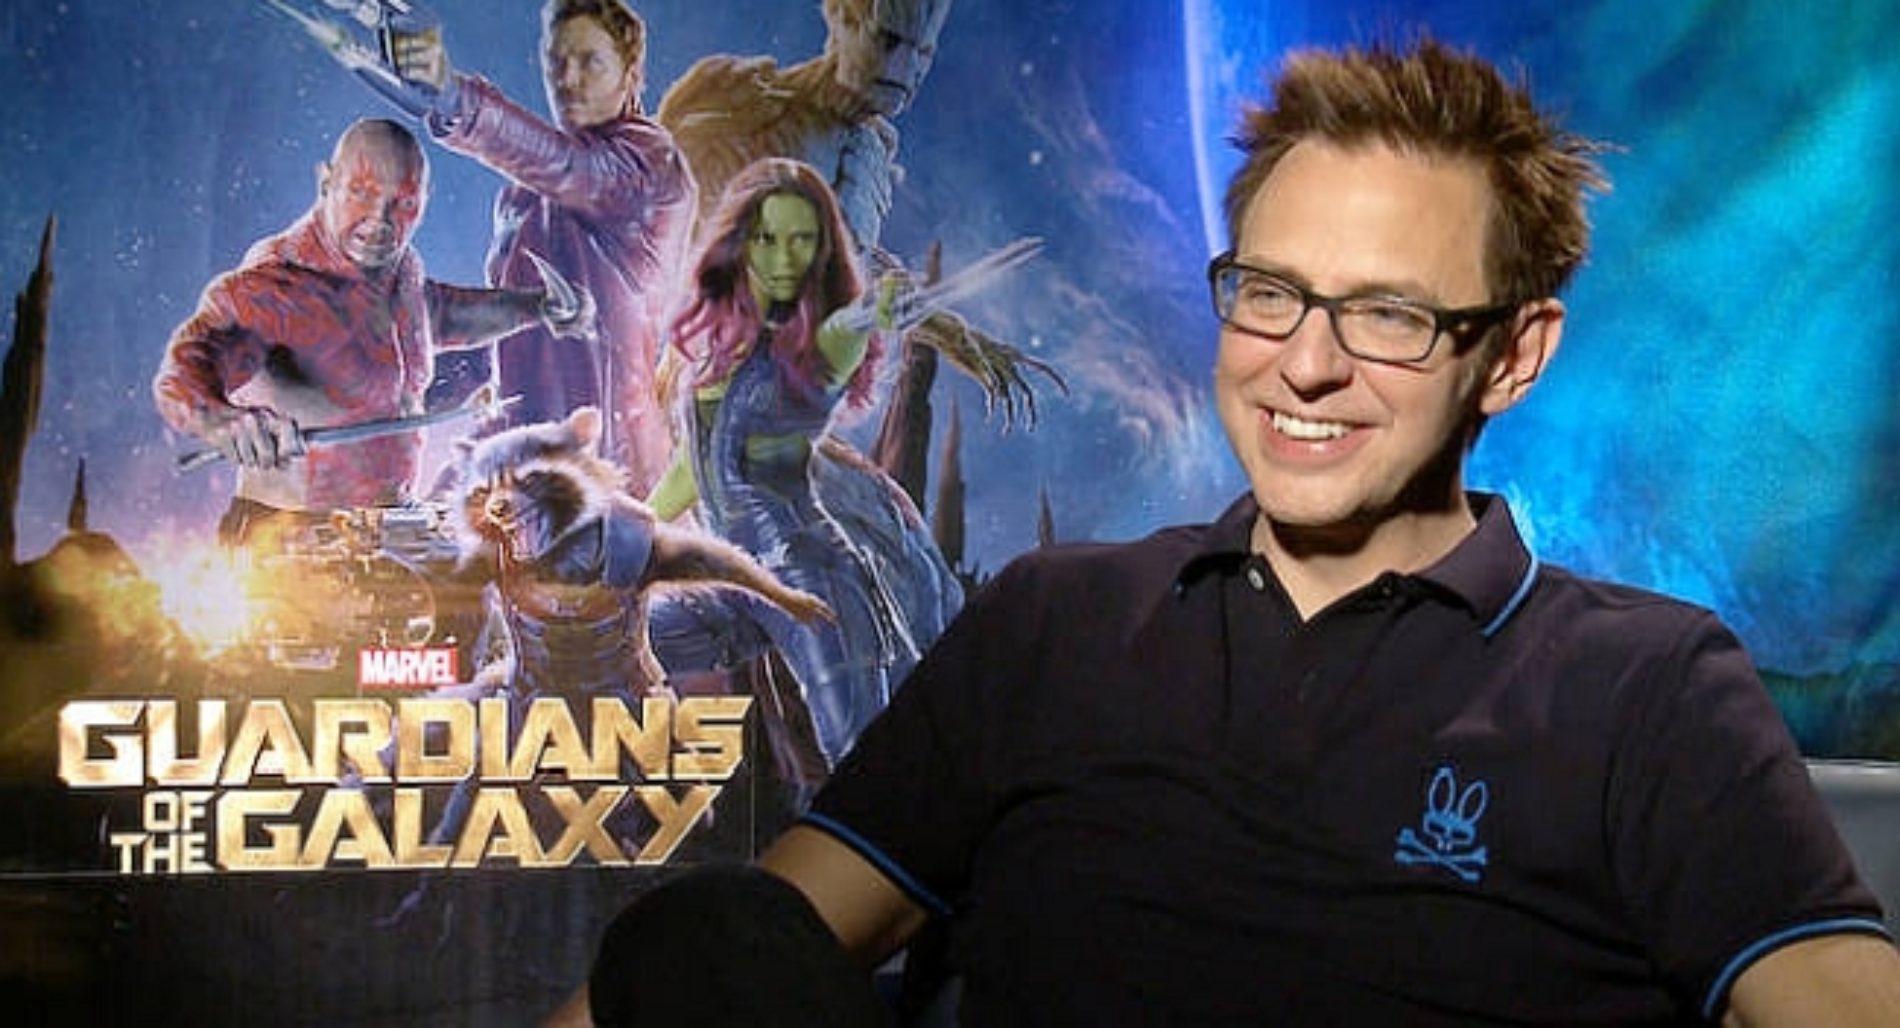 Despide Disney a James Gunn, quien dirigiría 'Guardians of the Galaxy Vol. 3' ¿Y ahora?